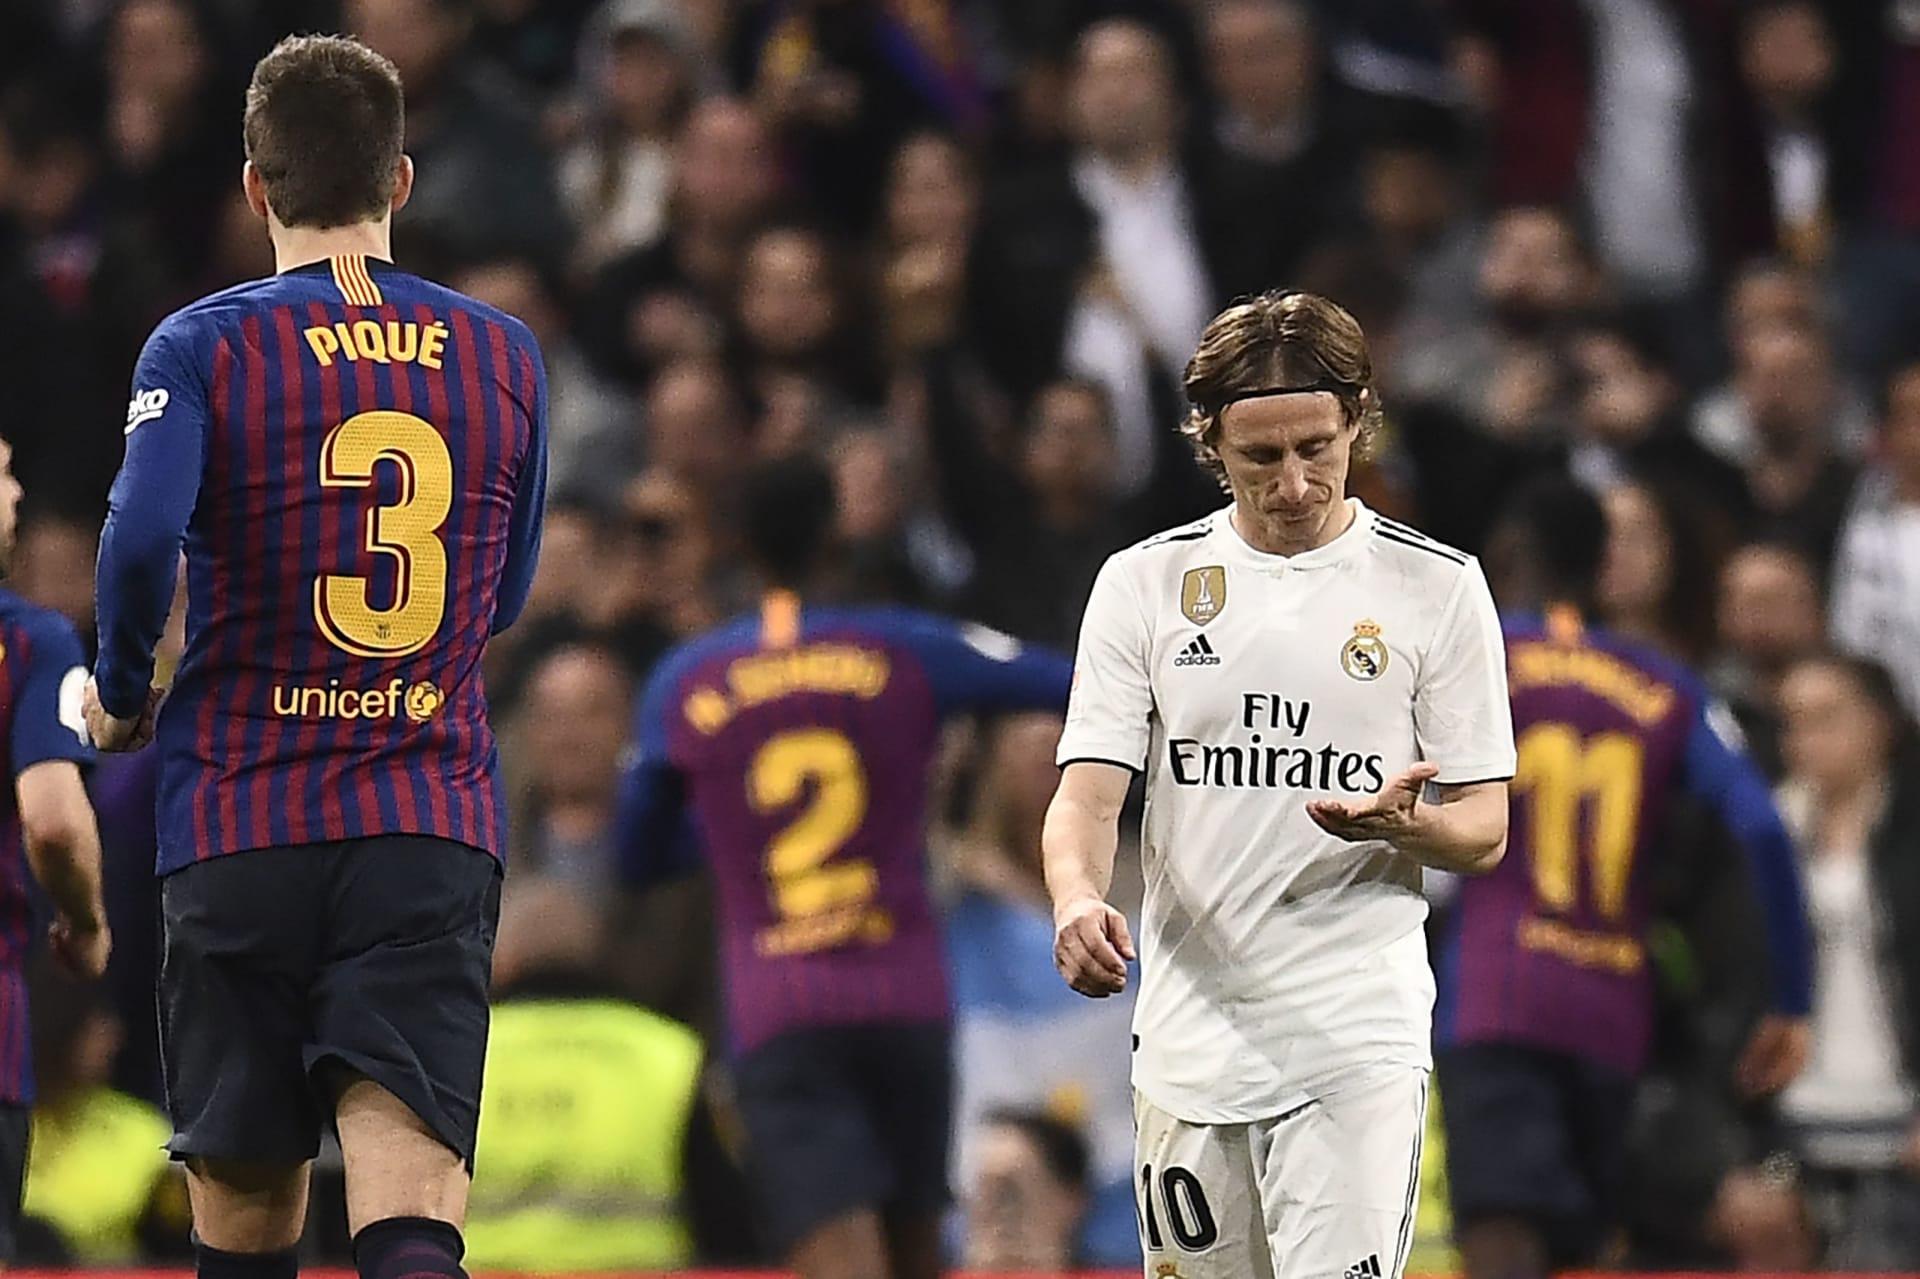 """رقم """"تاريخي"""" للفائز في كلاسيكو ريال مدريد وبرشلونة.. فما هو؟"""